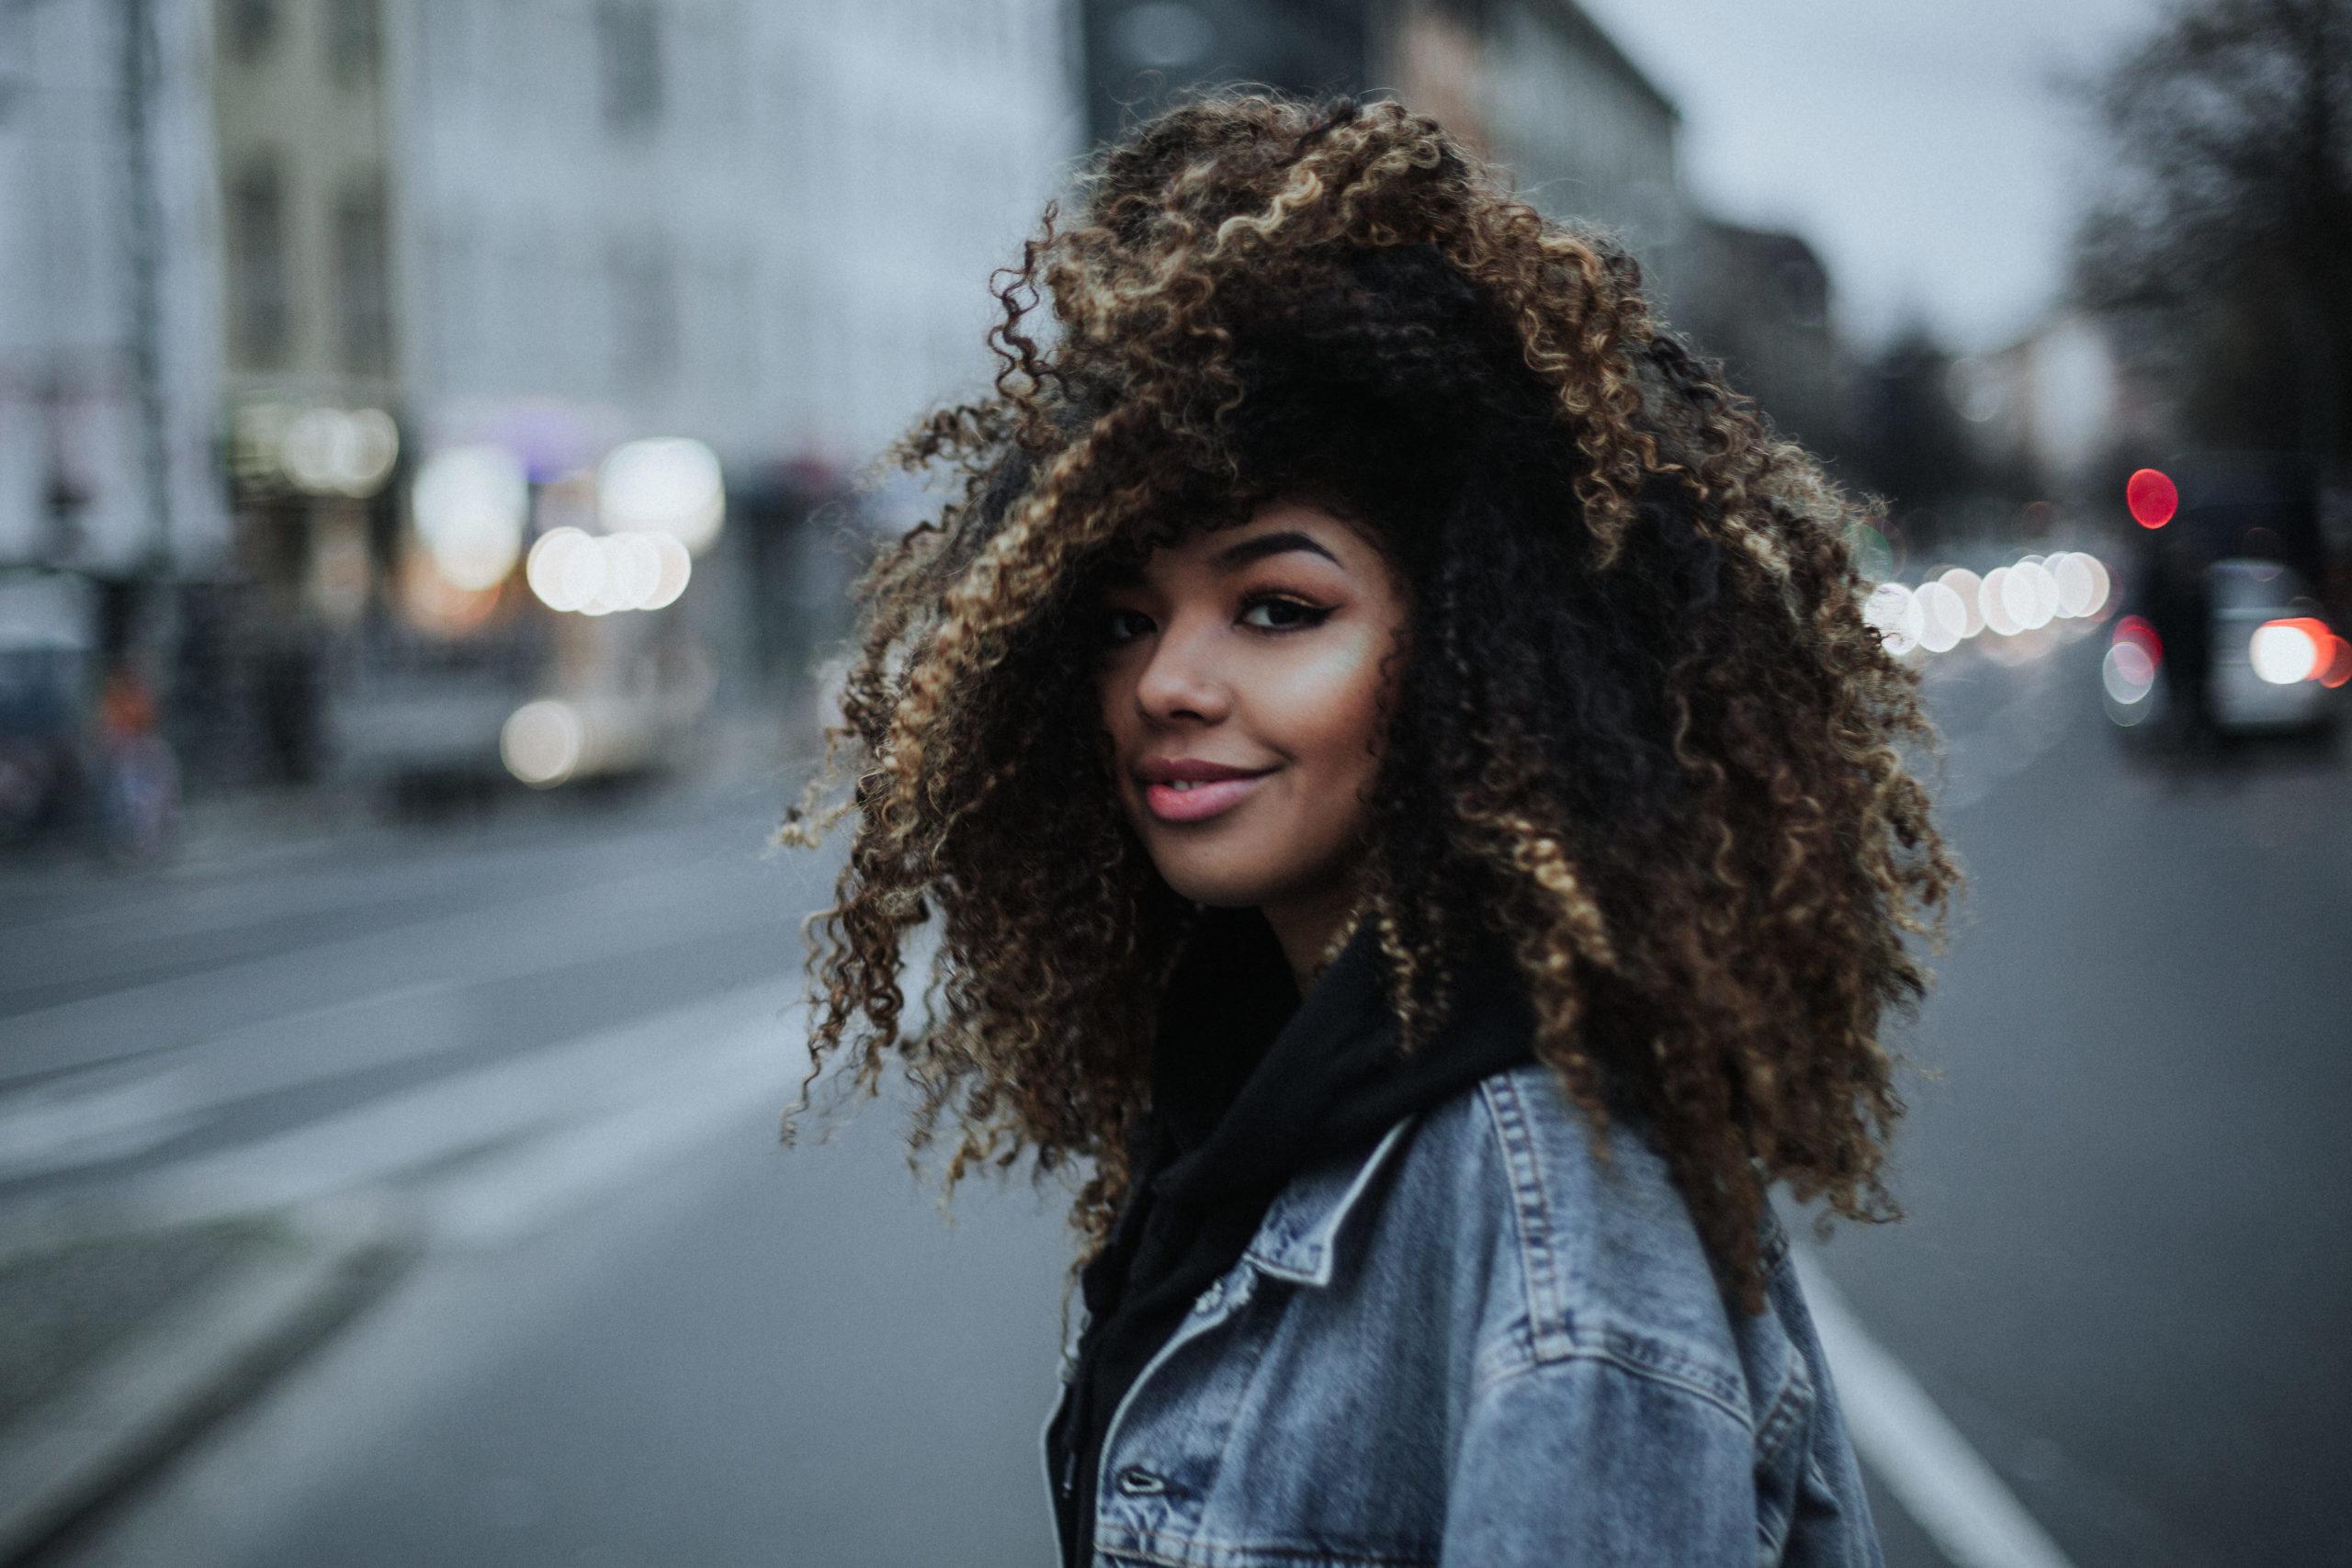 Die Sängerin und Rapperin Gini auf der Straße, lächelt in die Kamera.